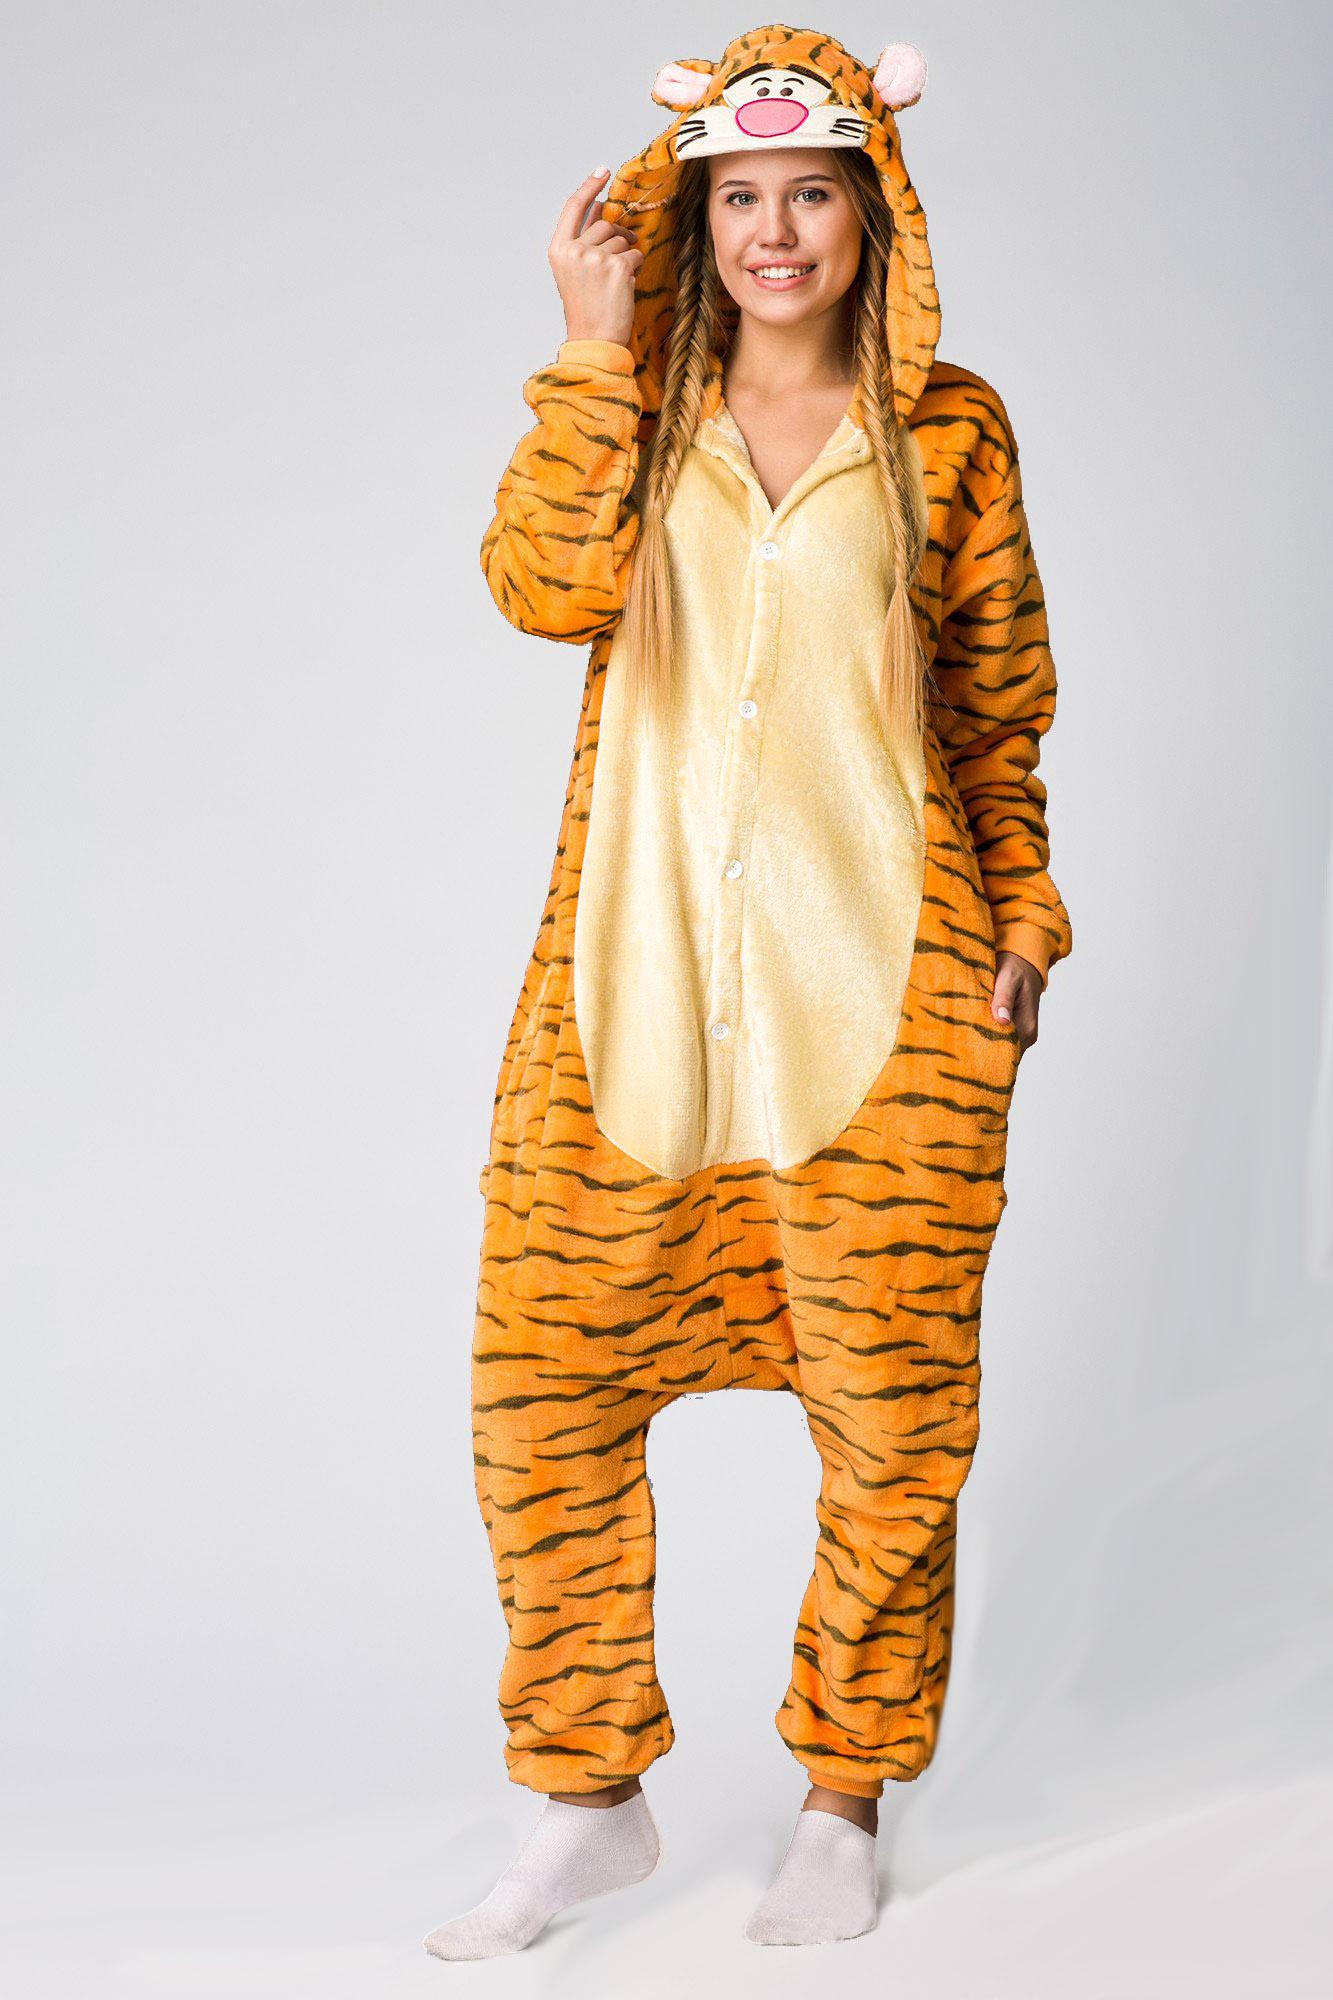 Кигуруми Тигра - Купить пижаму кигуруми в СПб недорого ba14e03eb1683